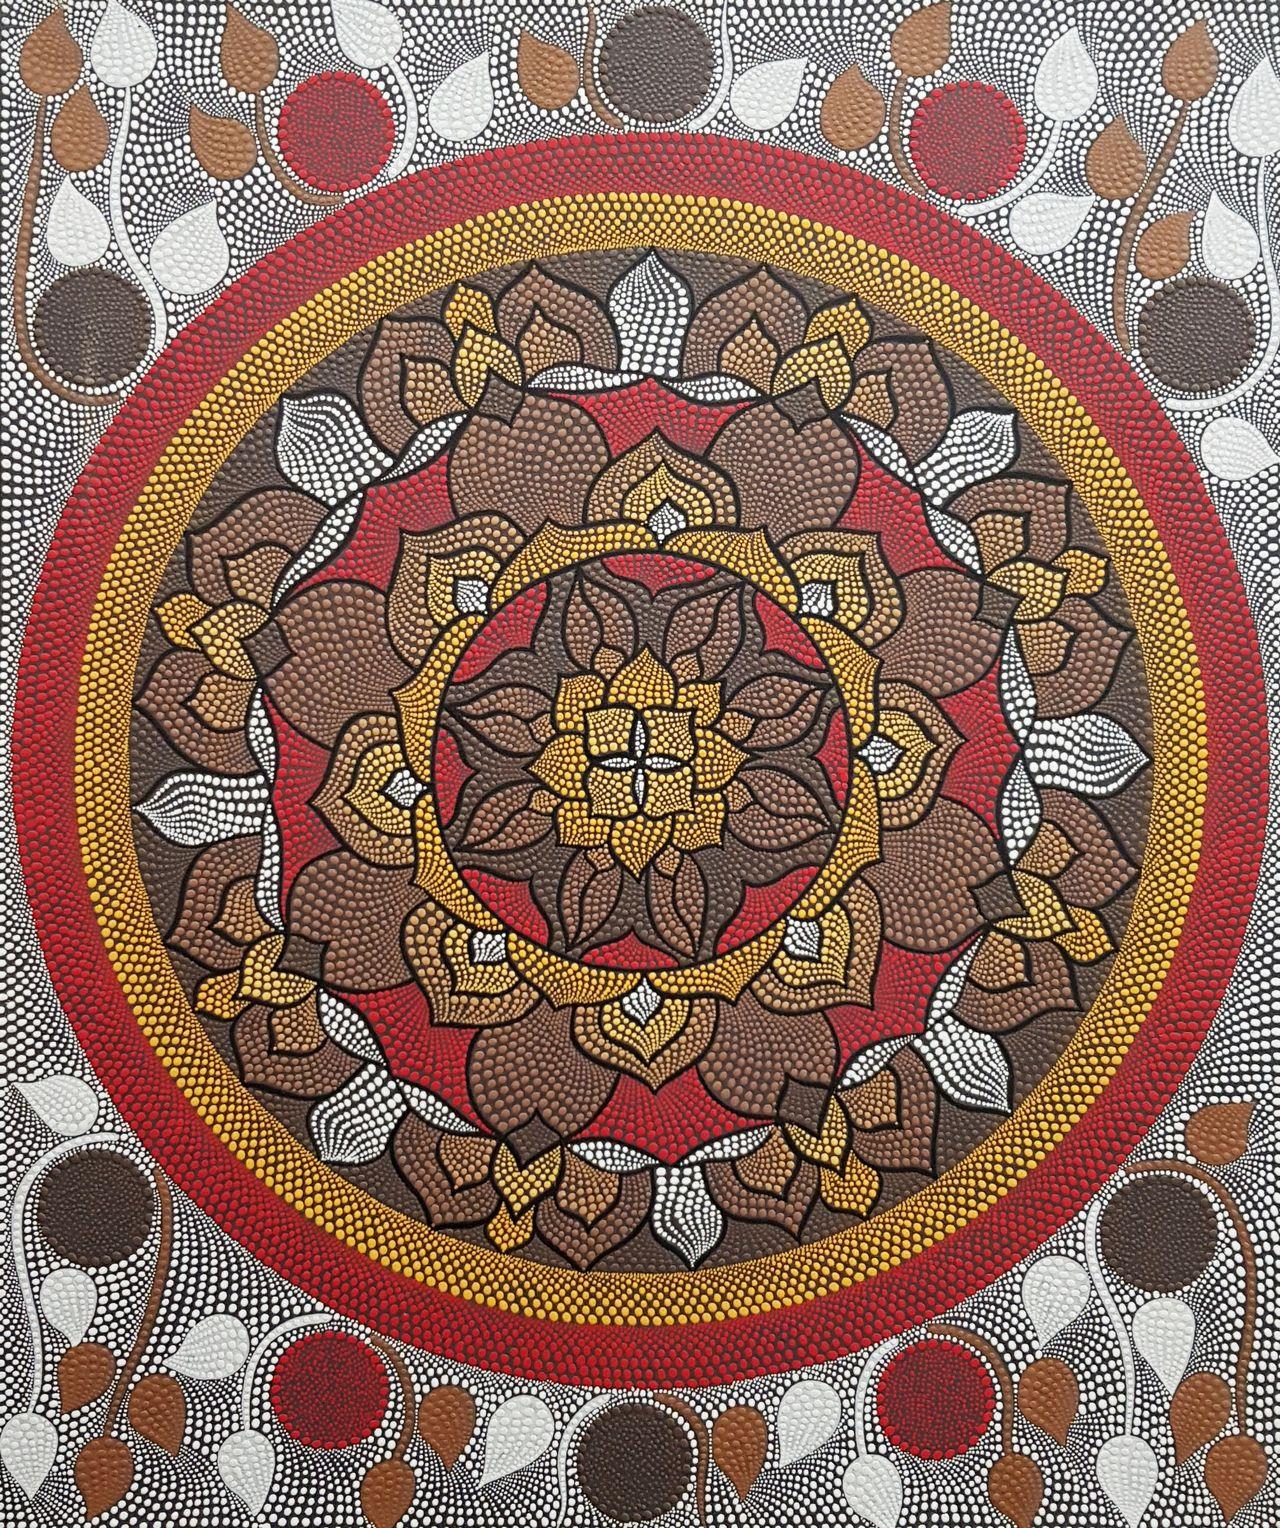 Mandala 1 20006.jpg